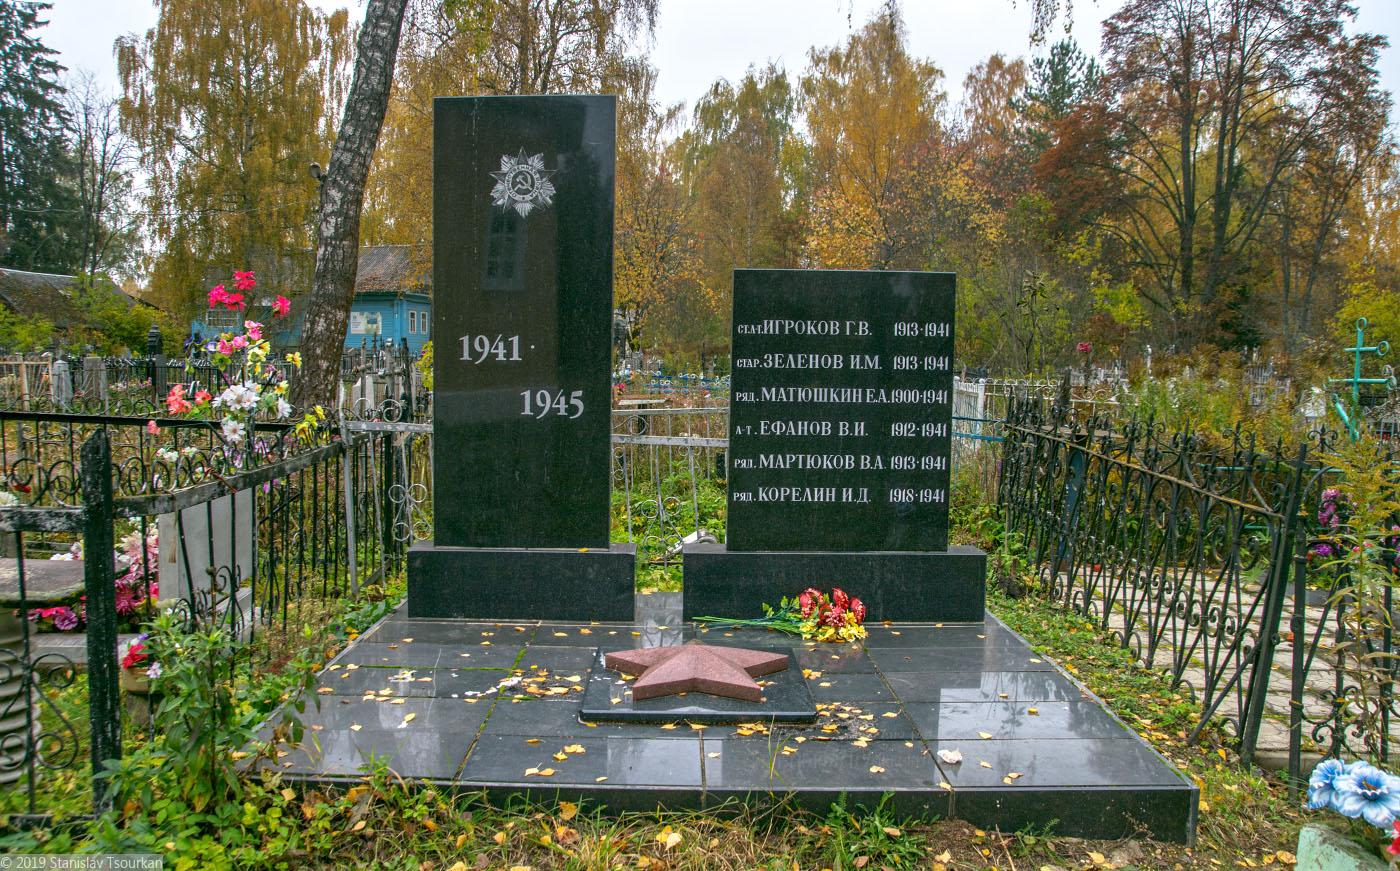 Весьегонск, Тверская область, ВОВ, братская могила